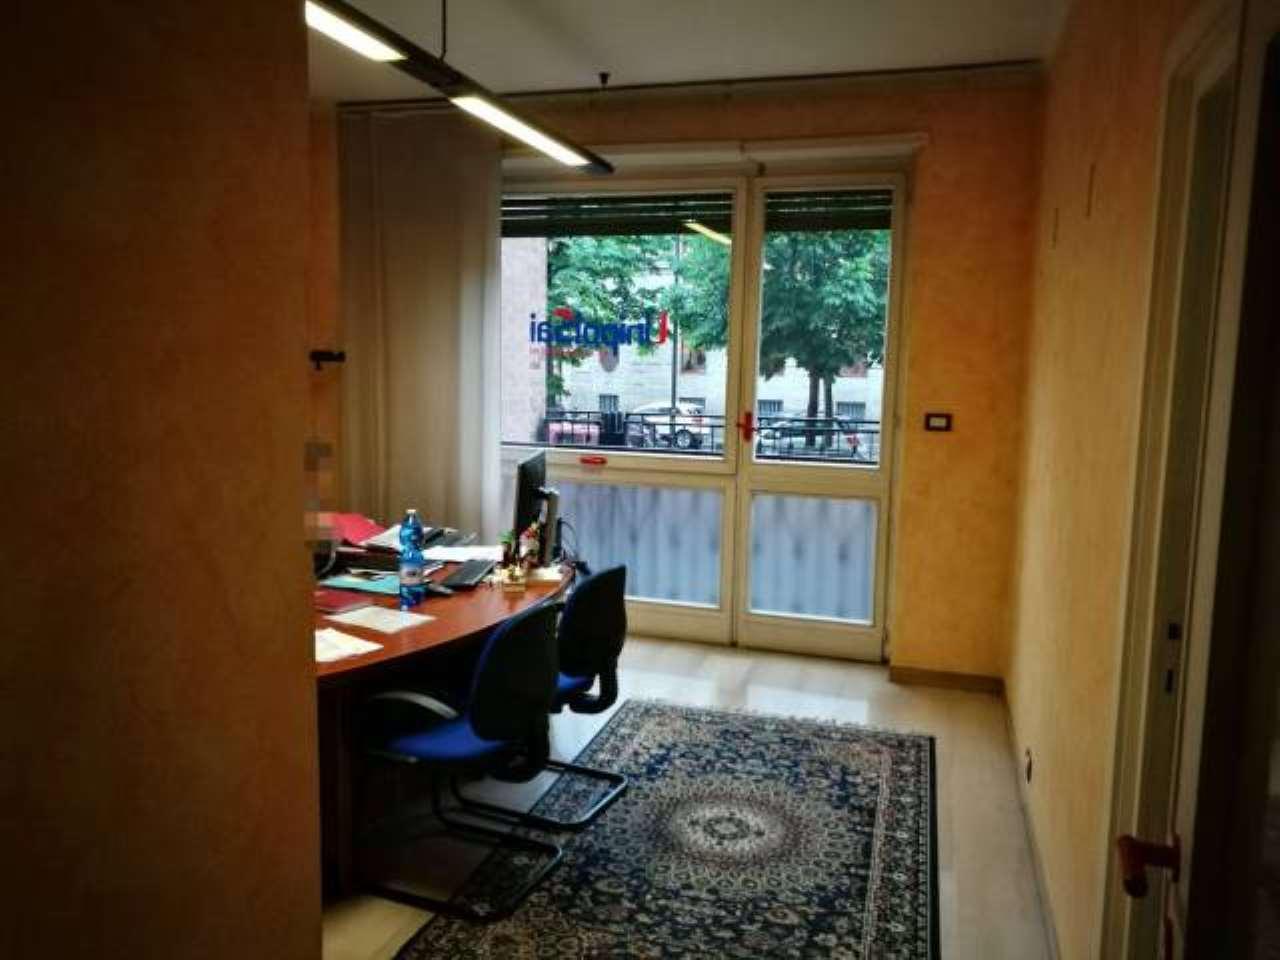 Ufficio in affitto Zona Crocetta, San Secondo - corso Duca degli Abruzzi Torino